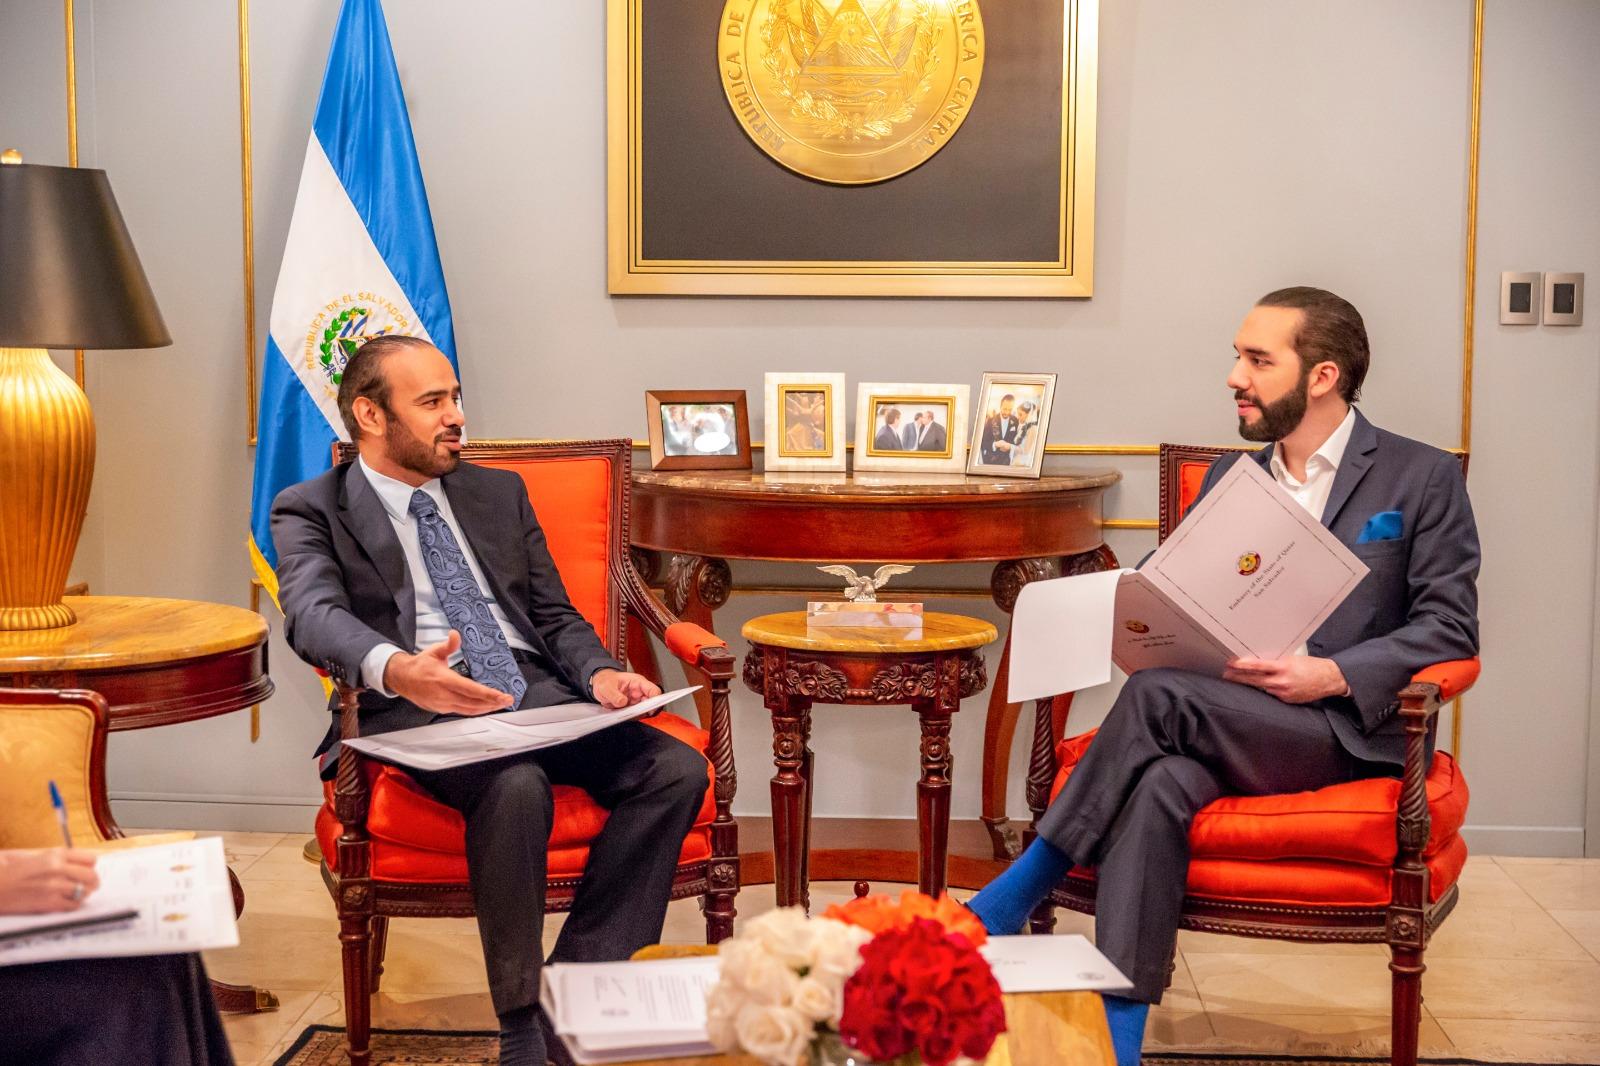 رسالة خطية من سمو الأمير إلى رئيس السلفادور